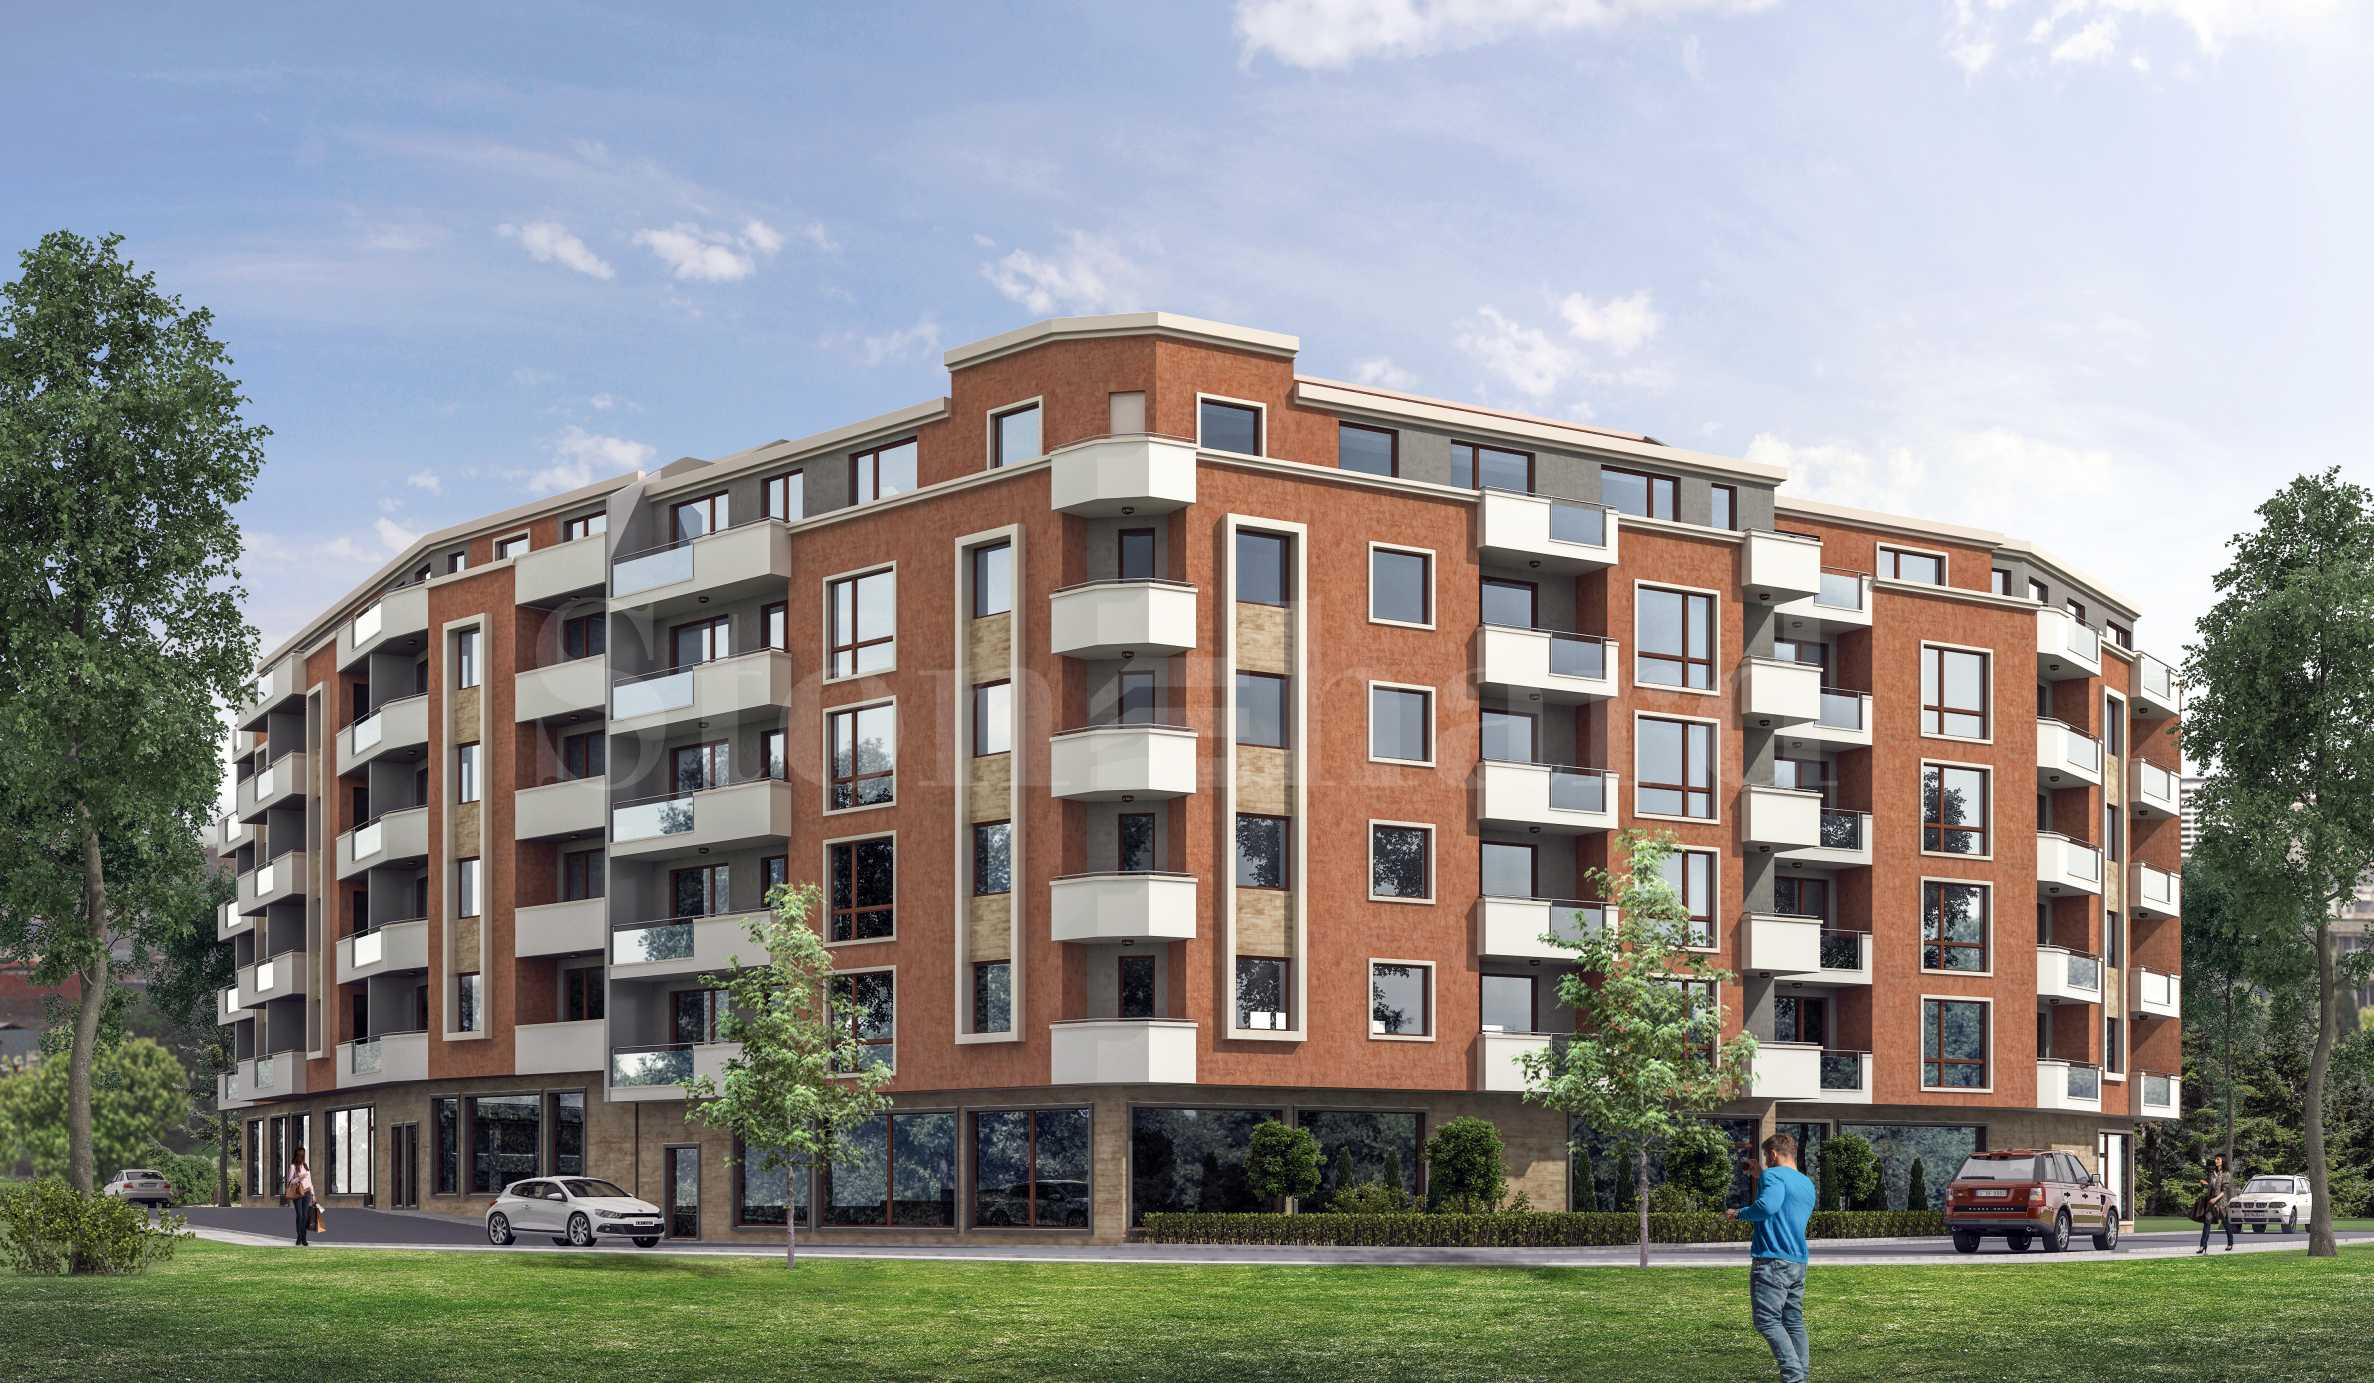 Сграда с модерна визия и отлична локация в кв. Левски, гр. Варна1 - Stonehard